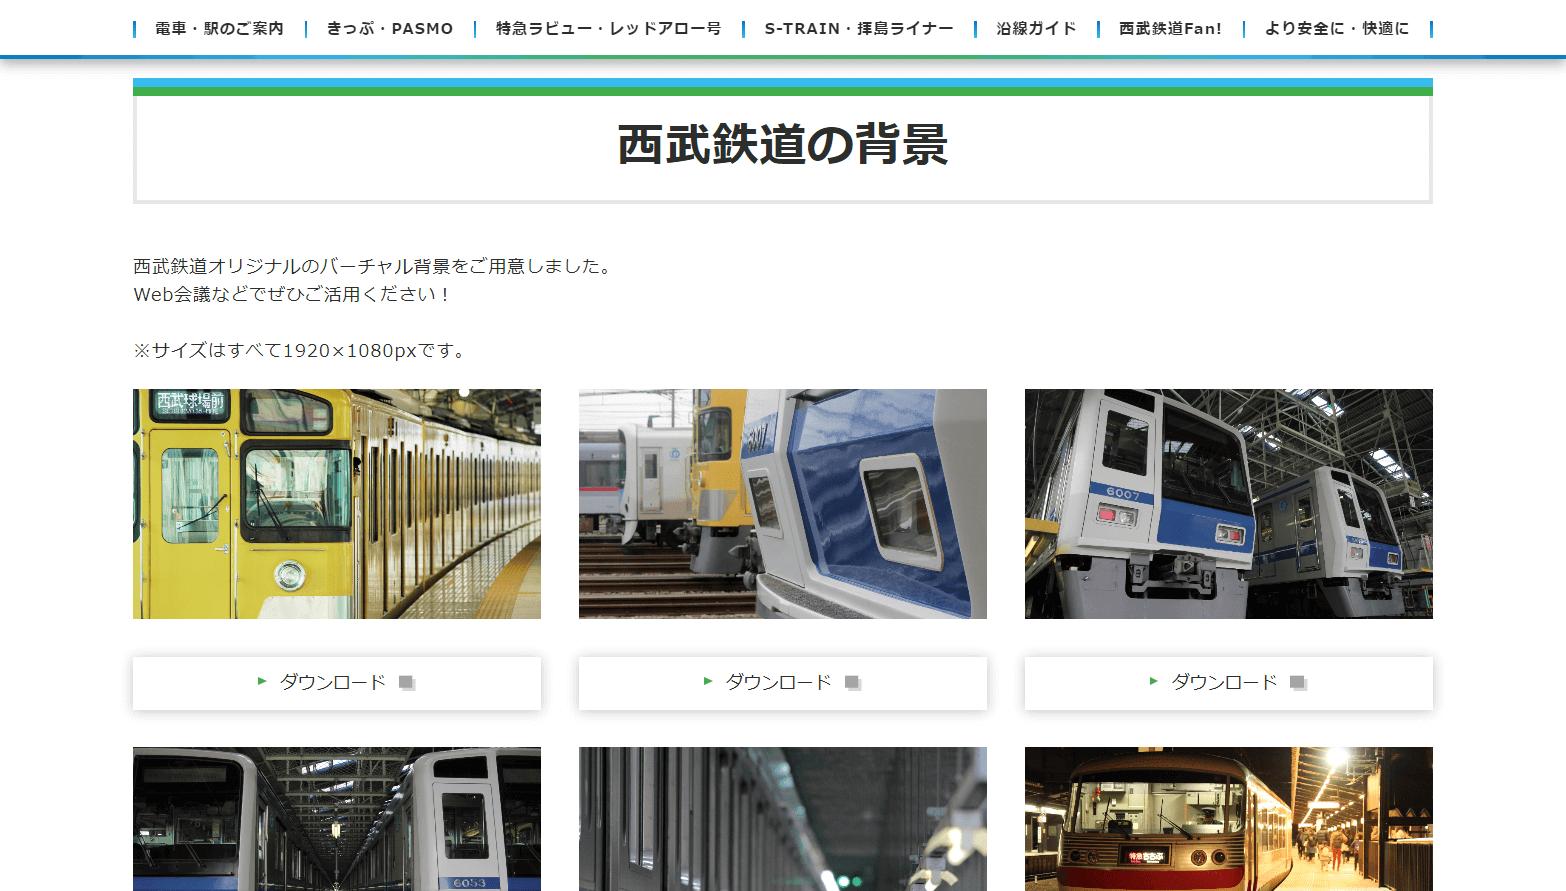 西武鉄道の背景 :西武鉄道Webサイト